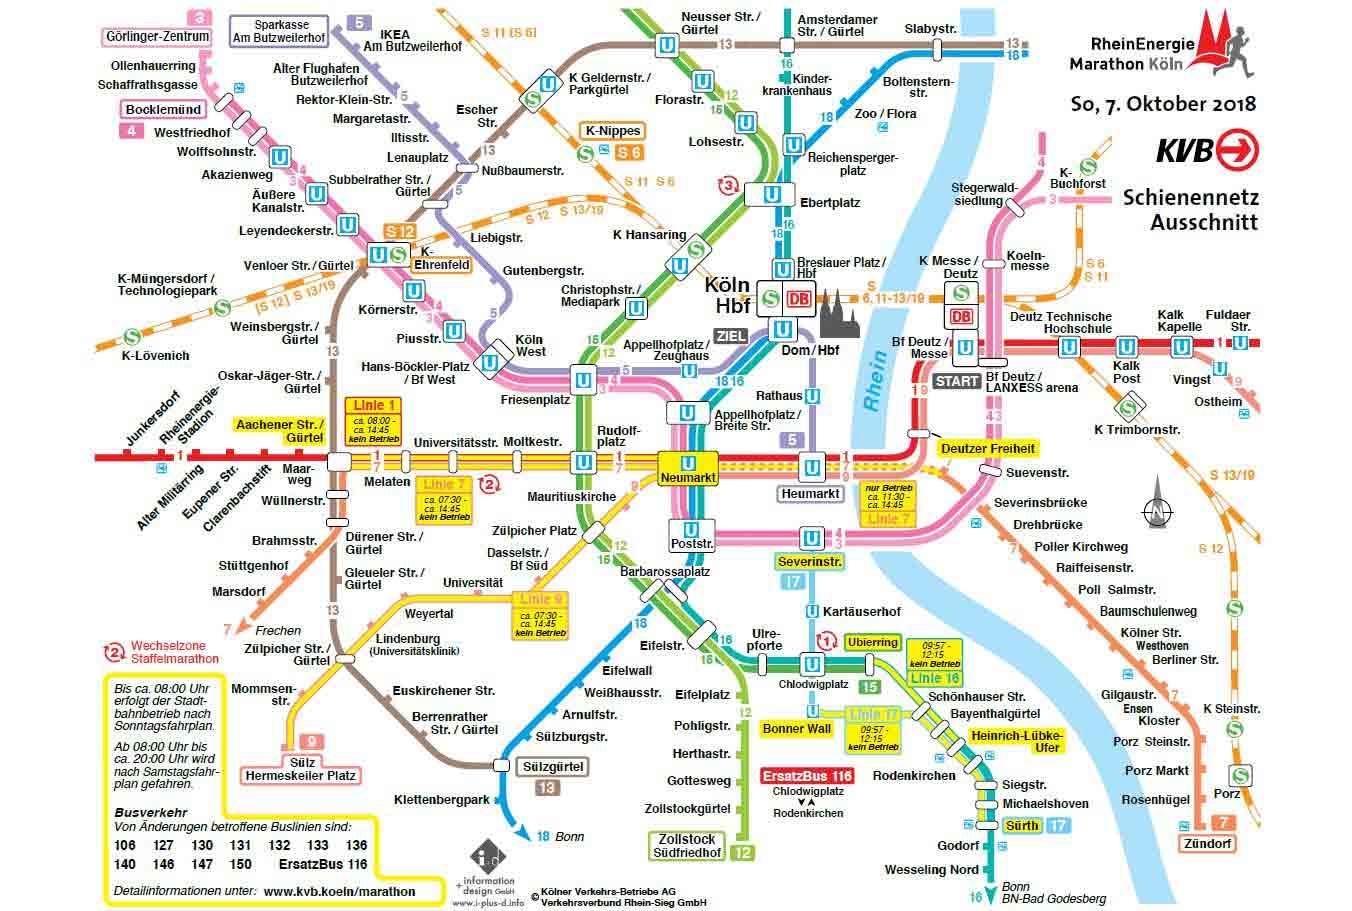 Übersicht der Bus- und Bahn-Linien zum Köln-Marathon 2018 copyright: KVB AG / VRS